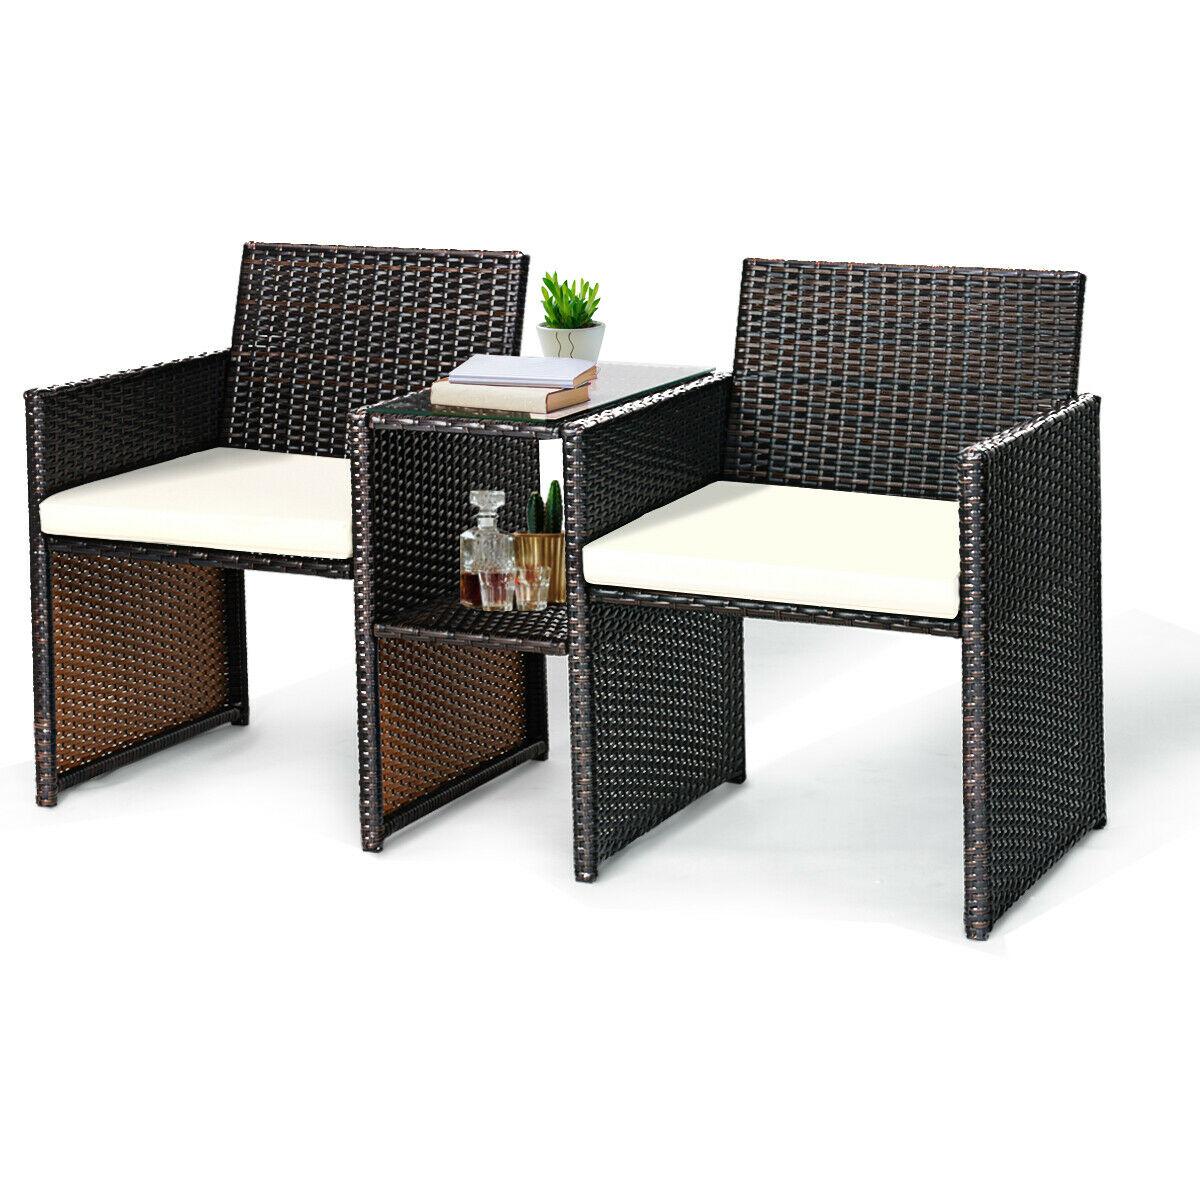 Costway патио ротанга Loveseat стол стулья Чат набор сиденье диван разговор мягкая